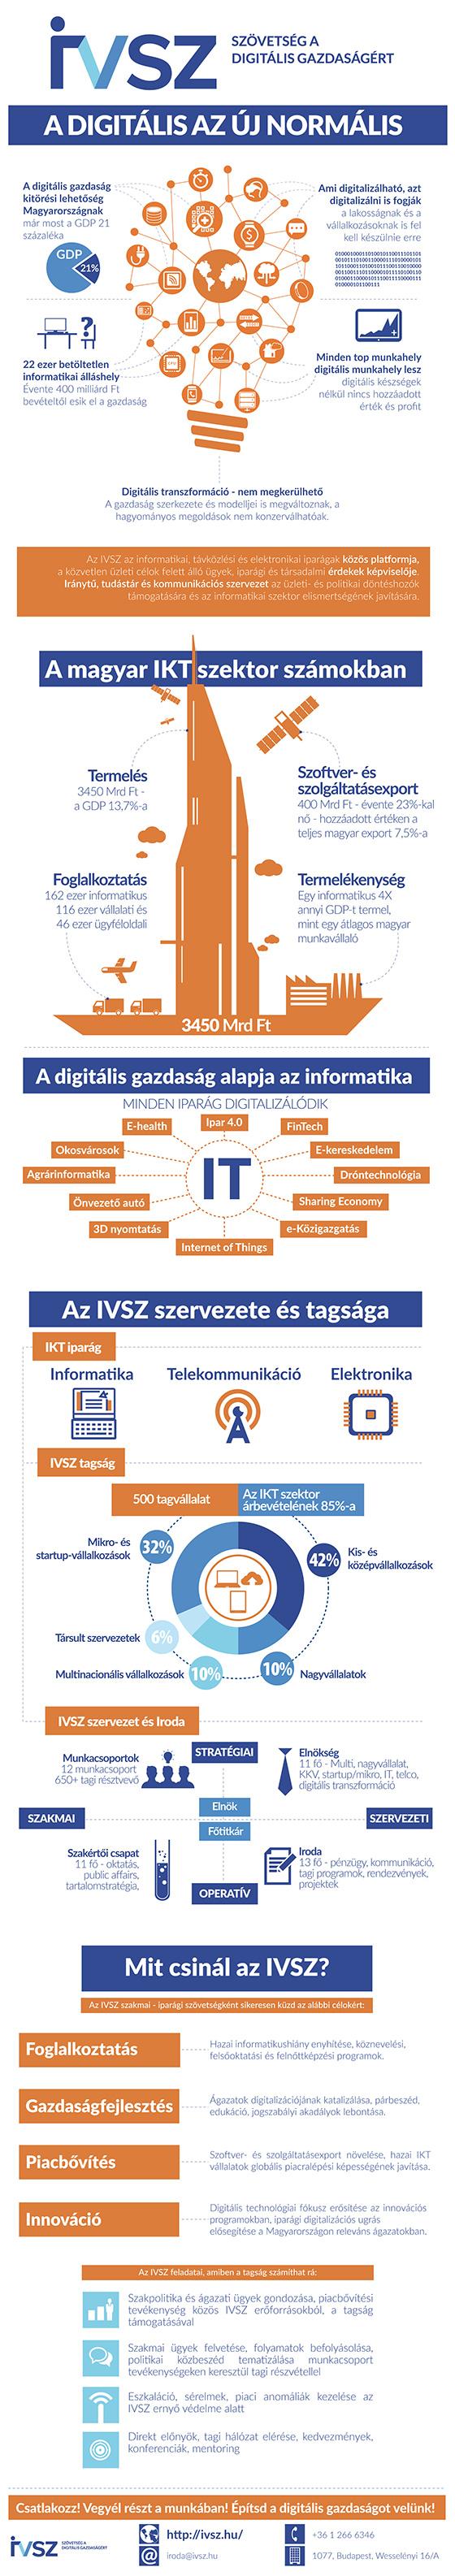 az-ivsz-rol-infografika-web